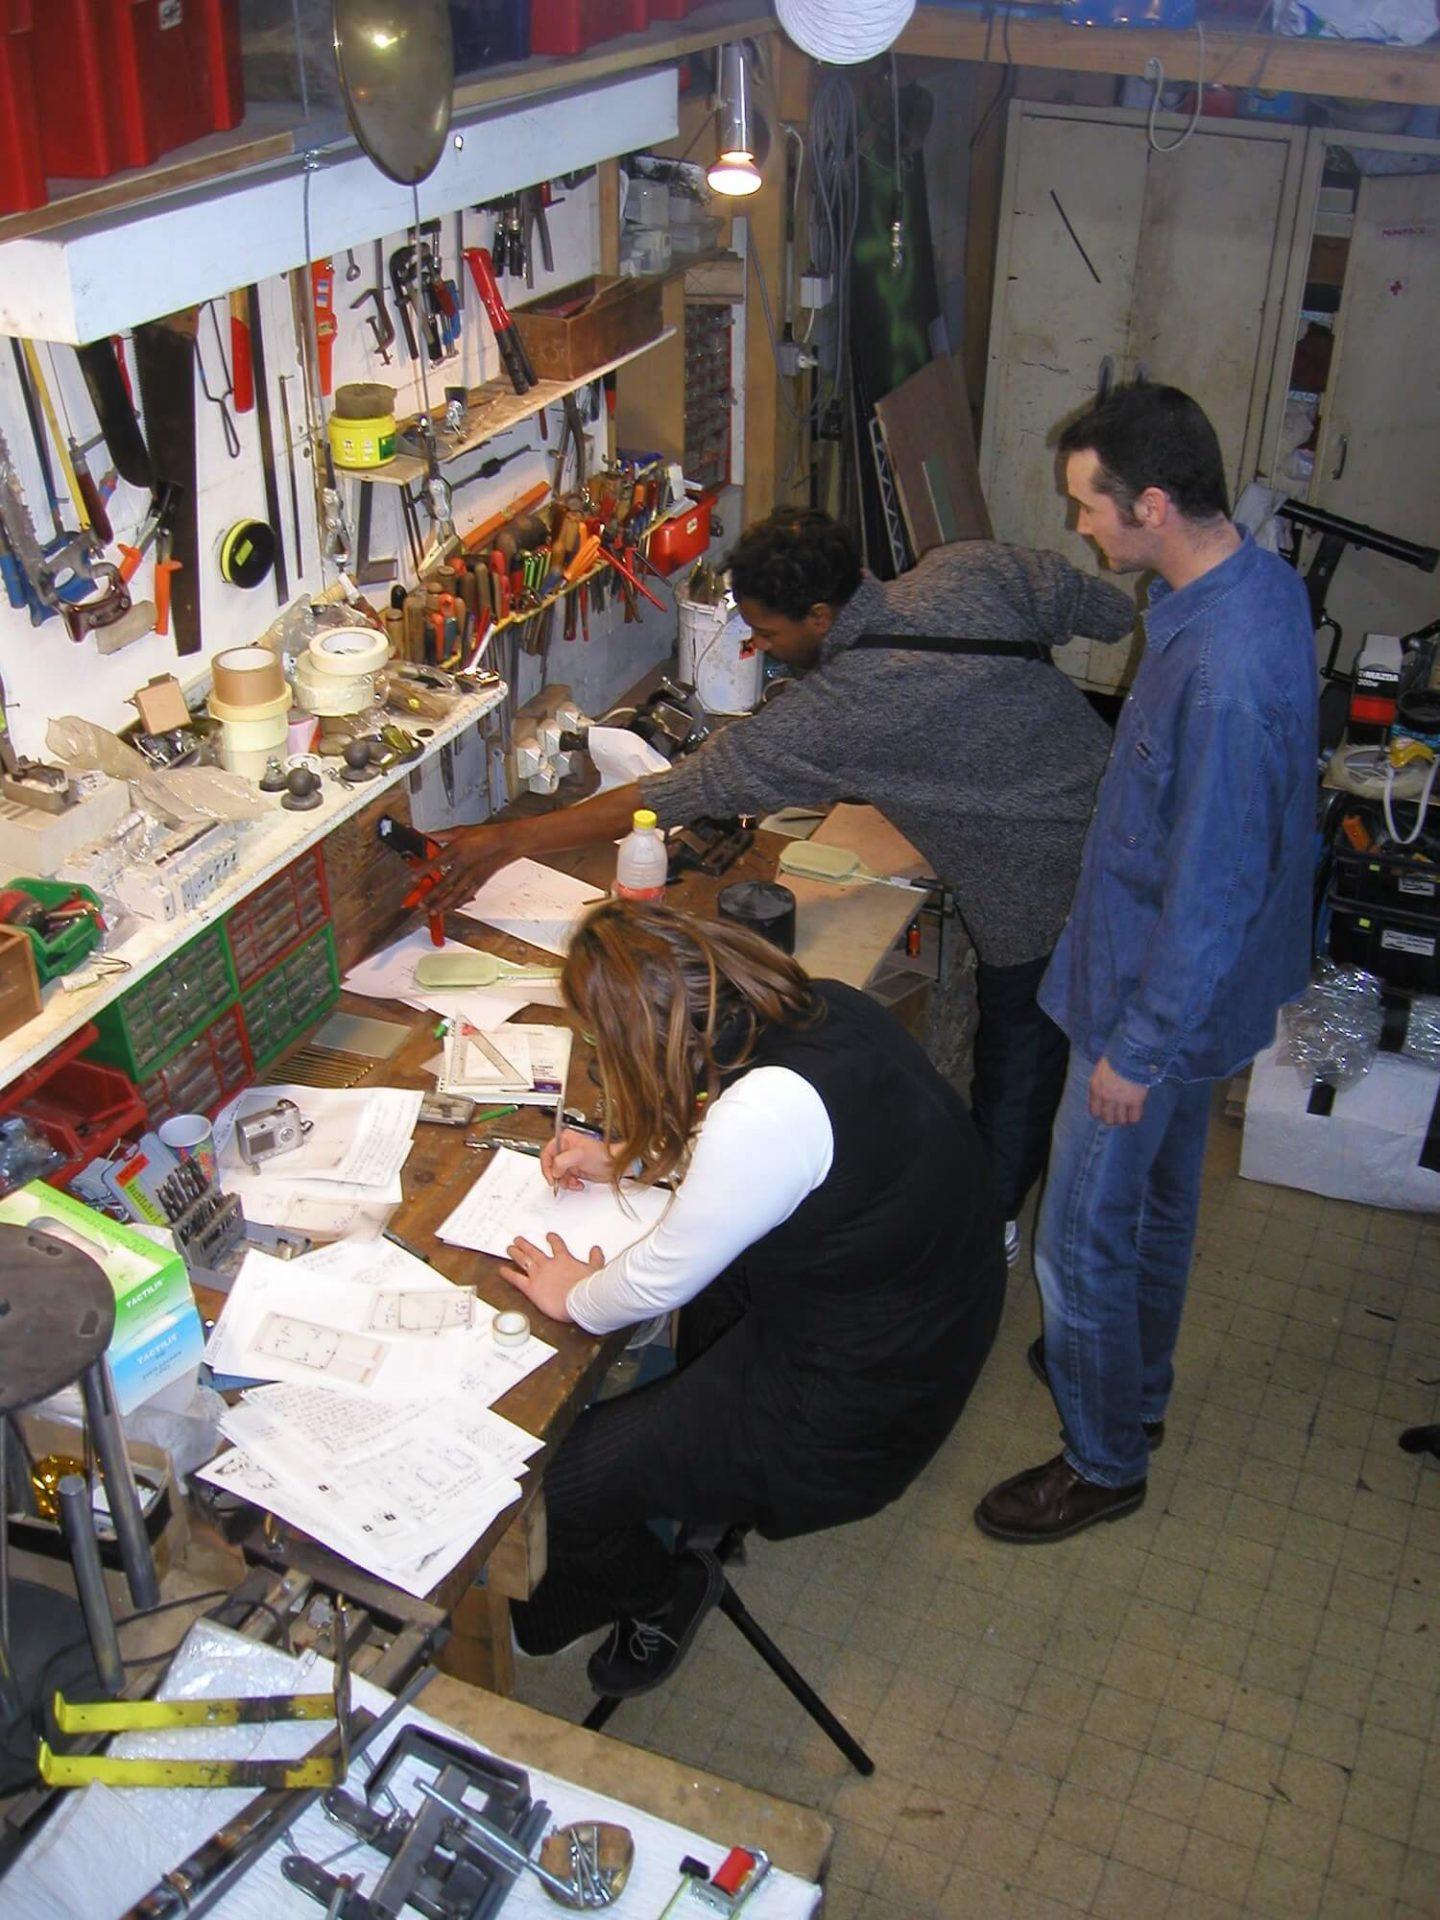 Photographie dans l'atelier : sur un établi une jeune femme écrit, un jeune homme attrape un outil , un deuxième le conseille